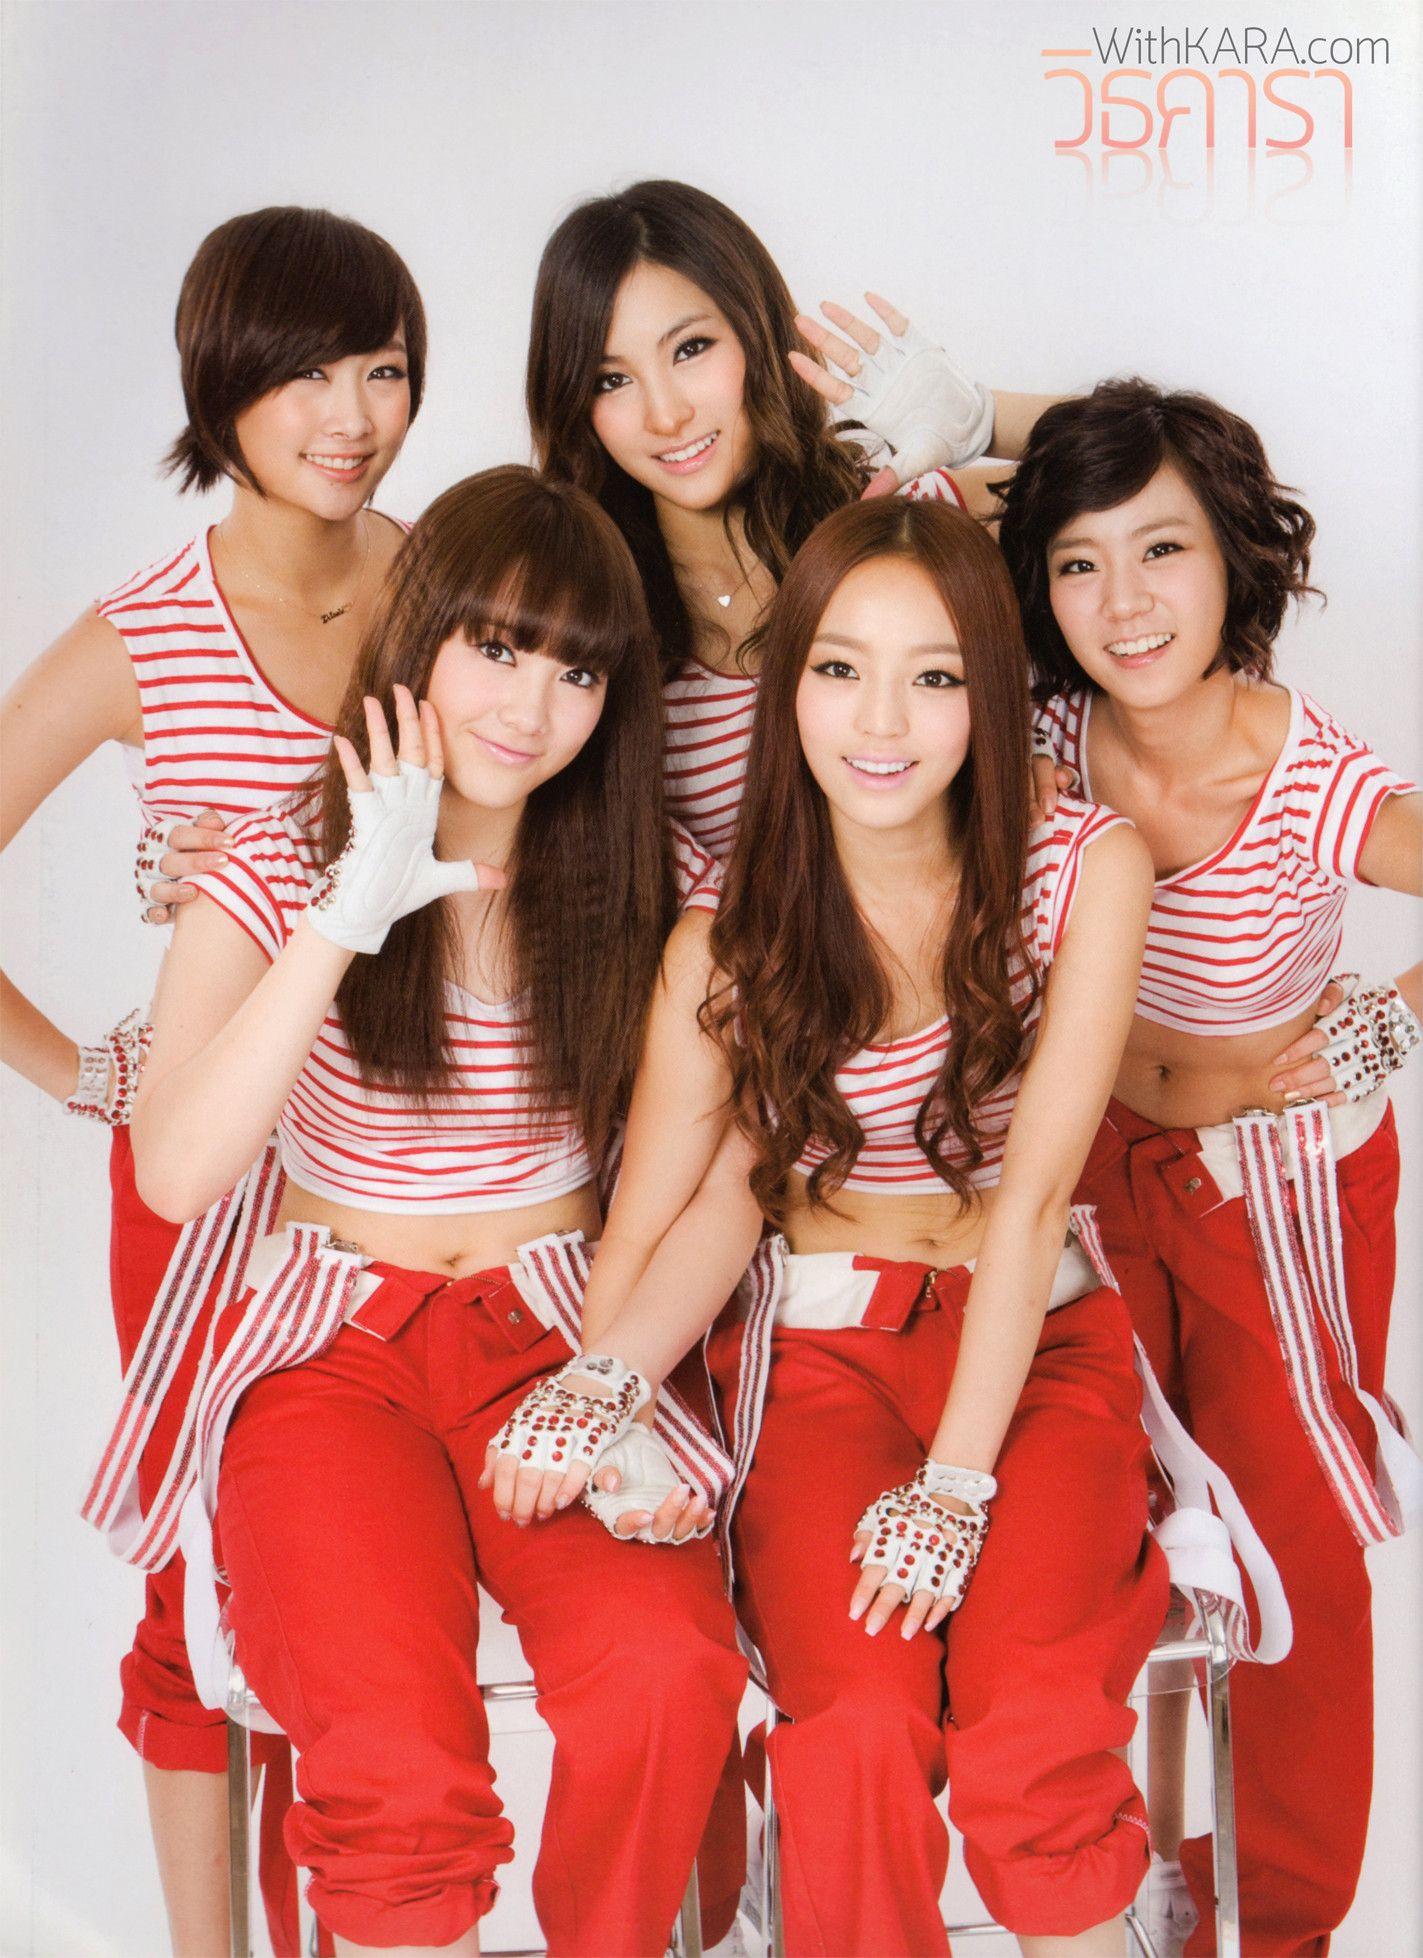 Name Kara Debut 2007 Members Gyuri Hara Seungyeon Youngji Former Member S Sunghee Jiyoung Yongjoo